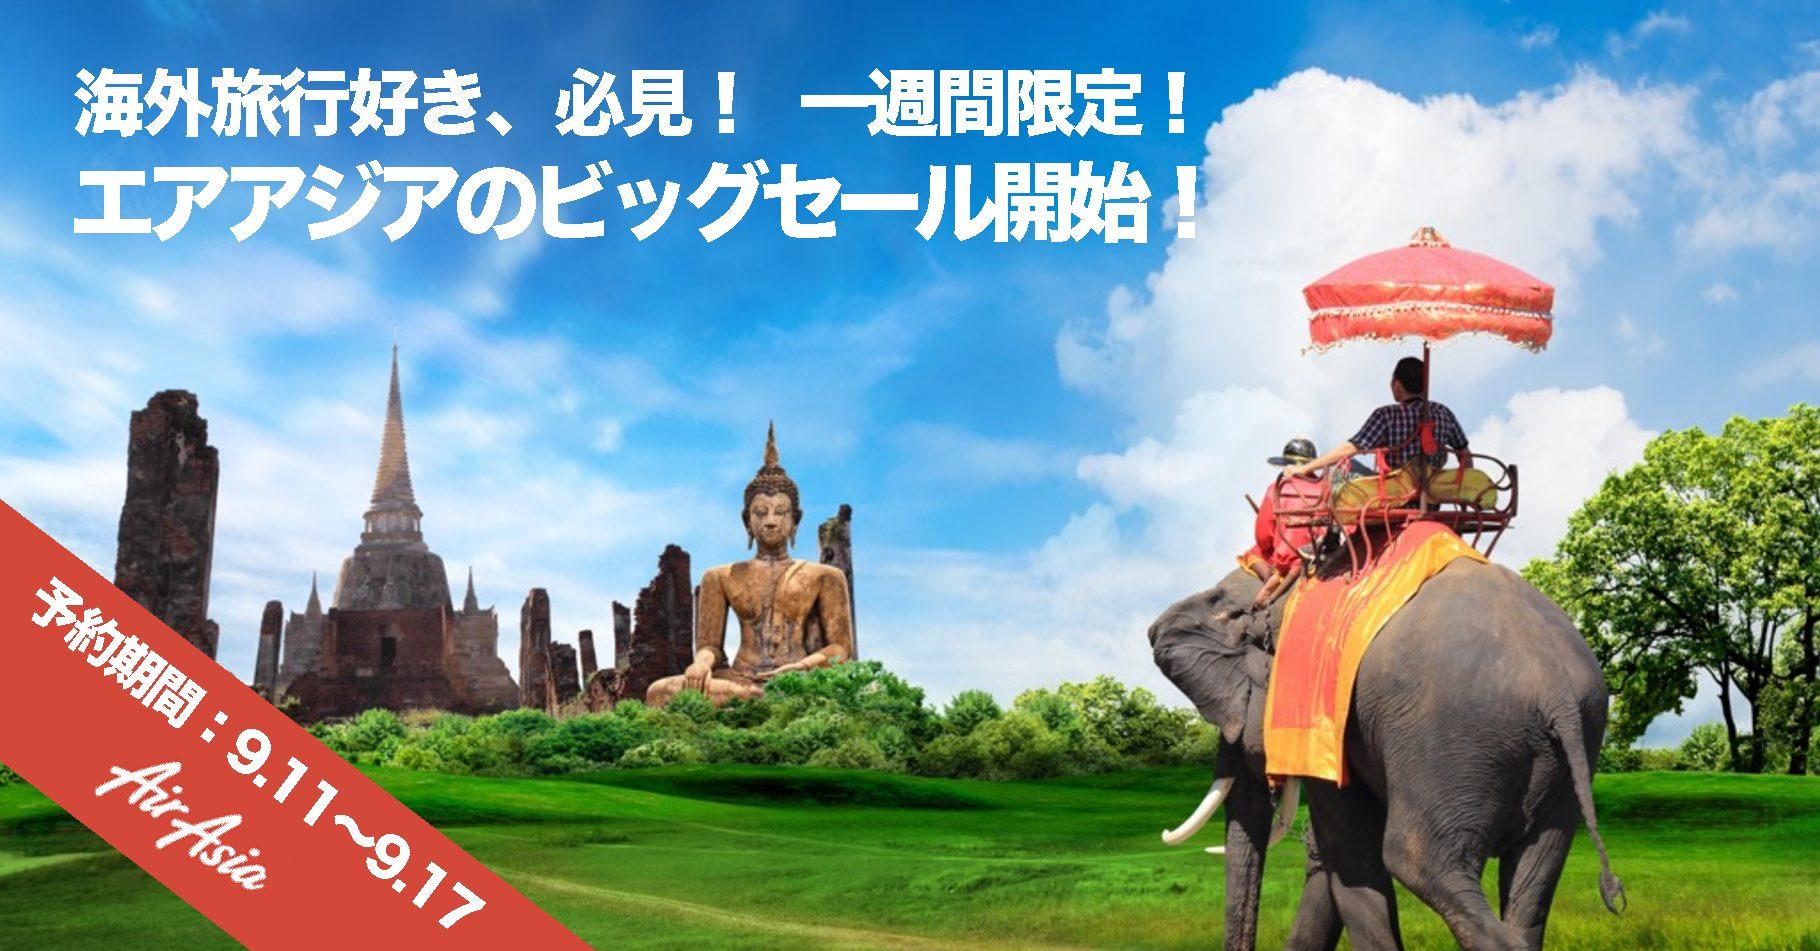 【片道航空券が9,900円〜】エアアジアのビッグセールで世界を遊びつくそう!